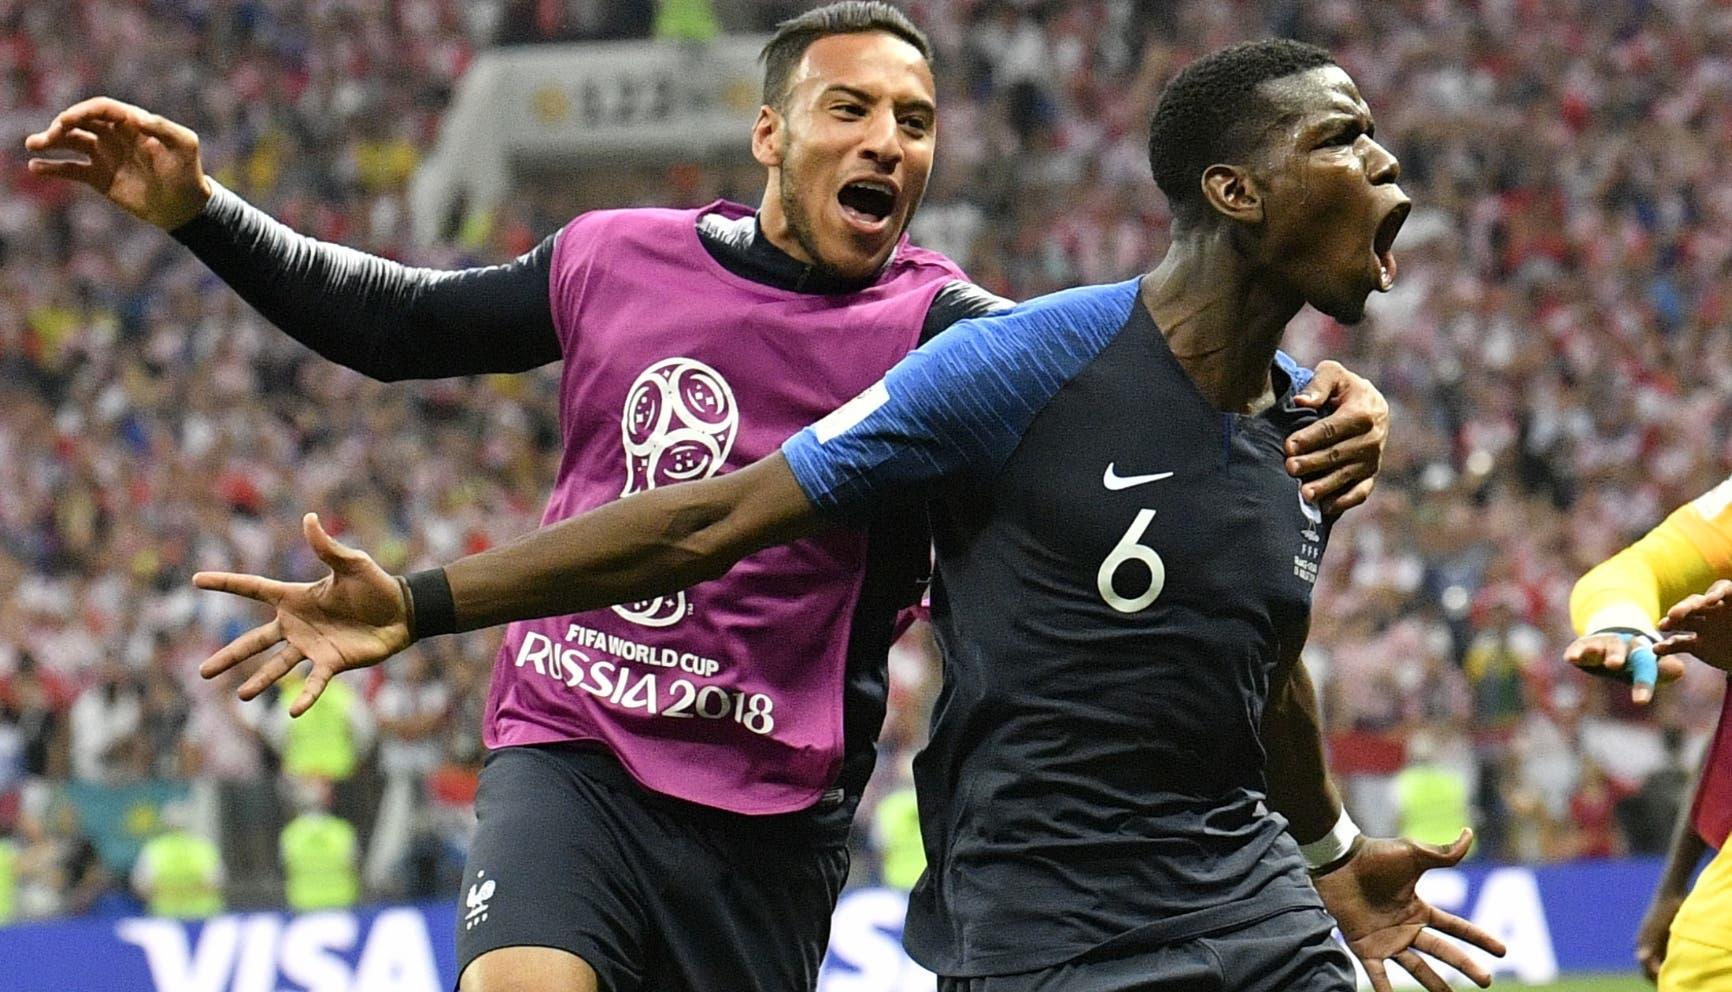 14. Paul Pogba, de la selección de Francia, festeja luego de anotar el tercer tanto de su equipo en la final de la Copa del Mundo ante Croacia, el domingo 15 de julio de 2018, en el estadio Luzhniki de Moscú (AP Foto/Martin Meissner)